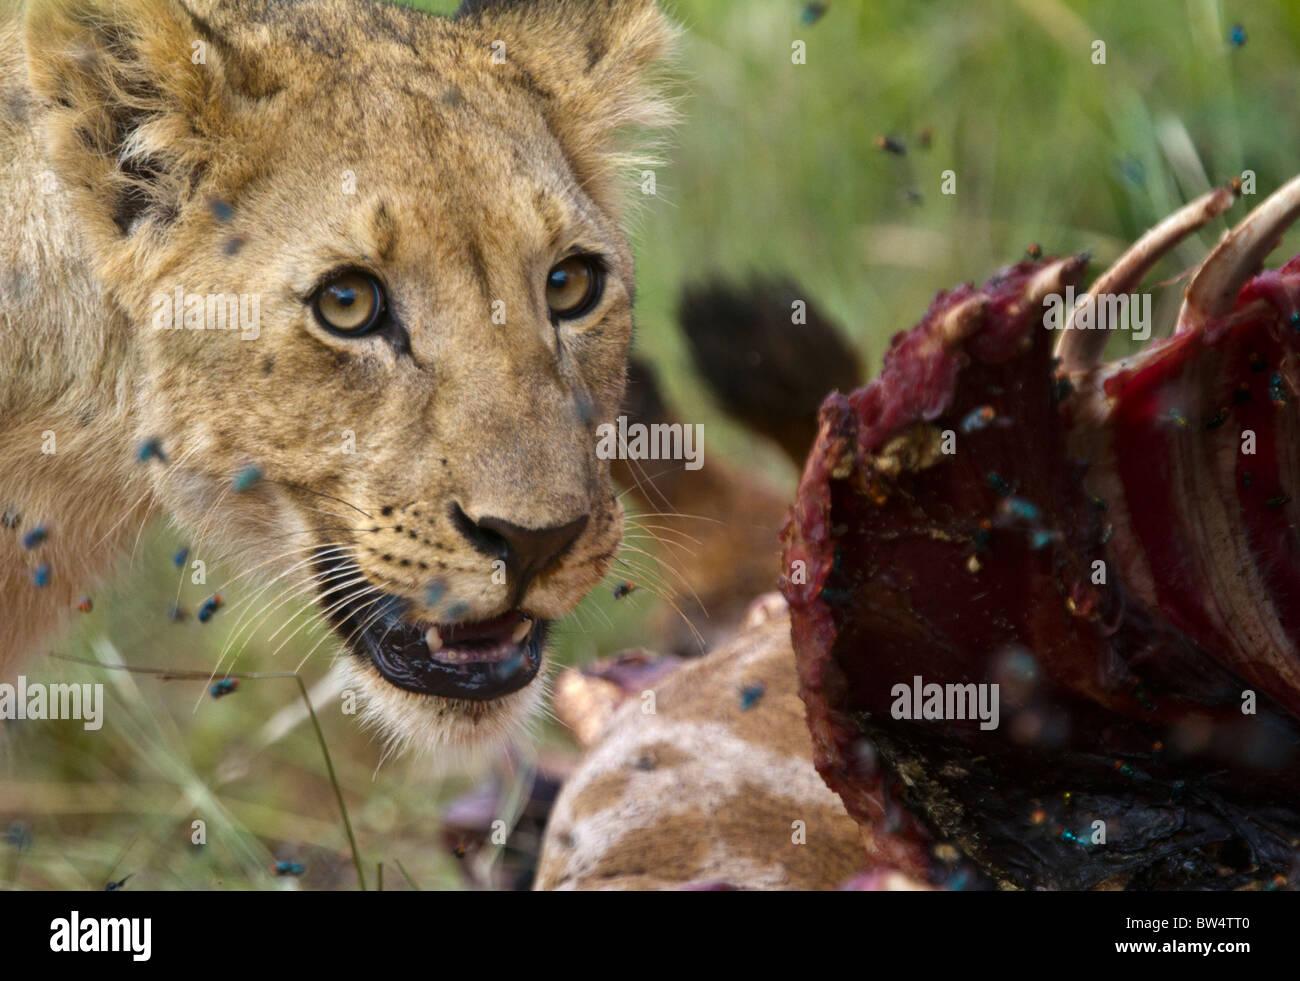 Junger Löwe Fütterung auf den verwesenden Kadaver einer Giraffe, umgeben von fliegen Stockbild